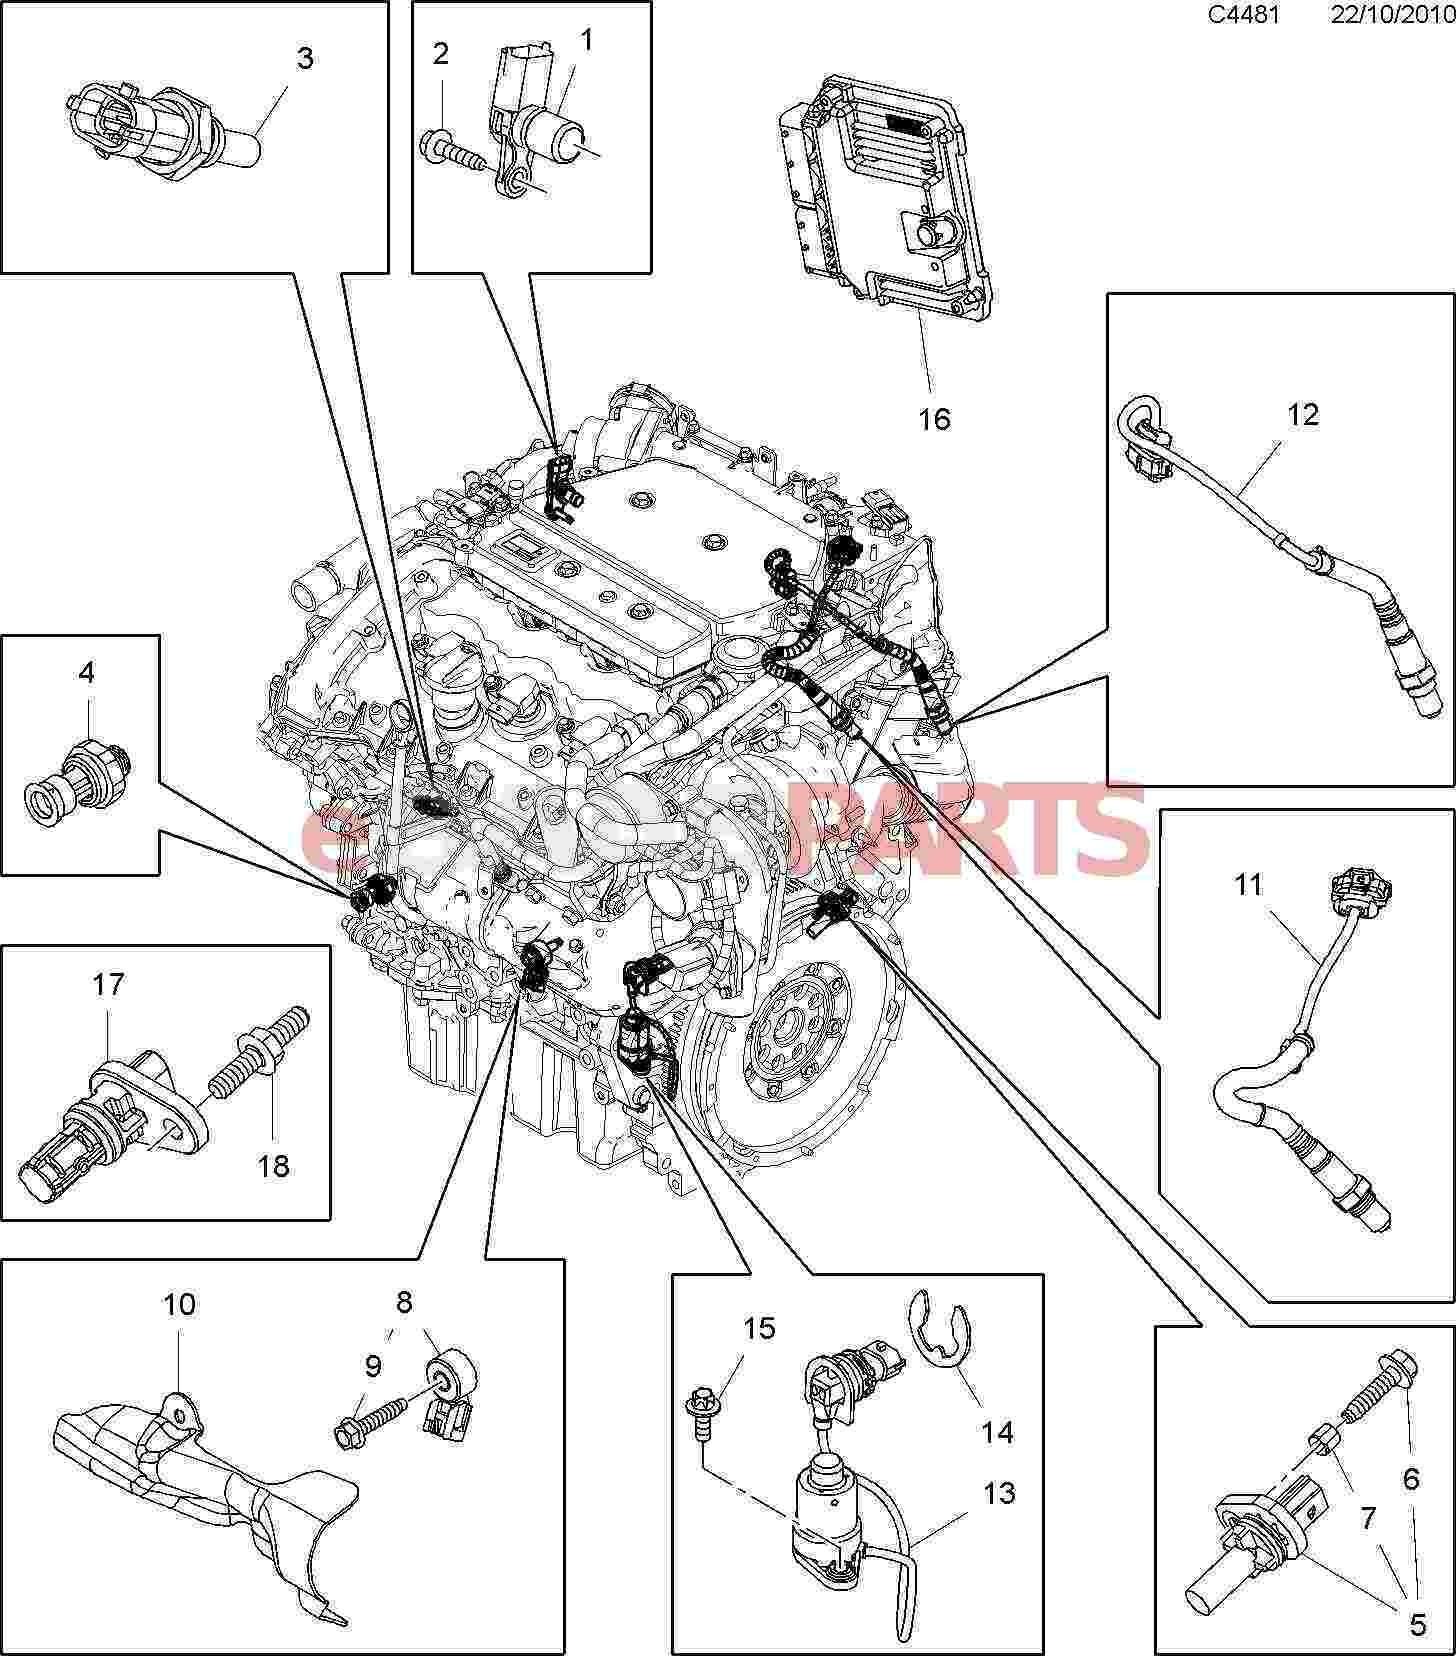 The Following Schematic Shows The 2007 Saab 97x 42l L6 ... on saab 9-3x, saab 9-6, saab 900i, saab 900se, saab 9 twin turbo, saab sonett 2, saab trailblazer, saab 9x7,